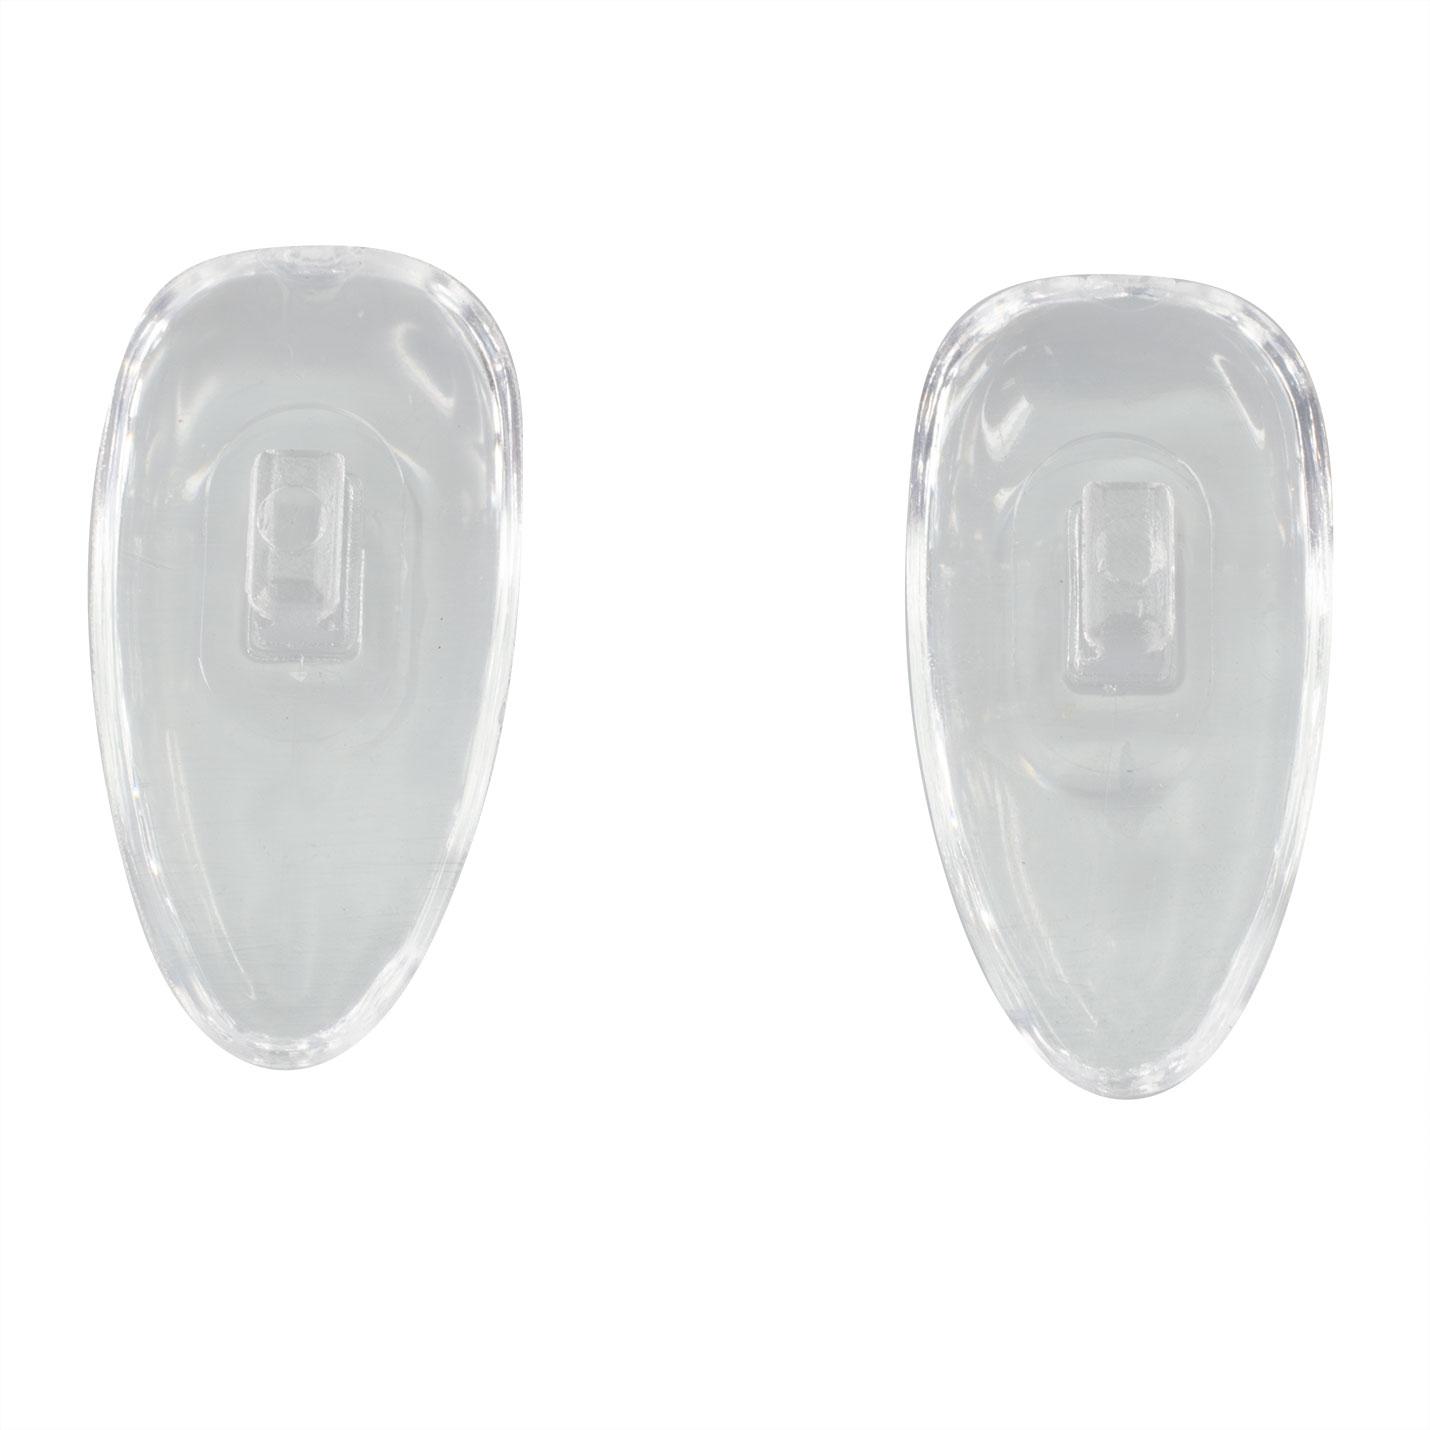 Plaquettes nasales symétriques à pression en PVC